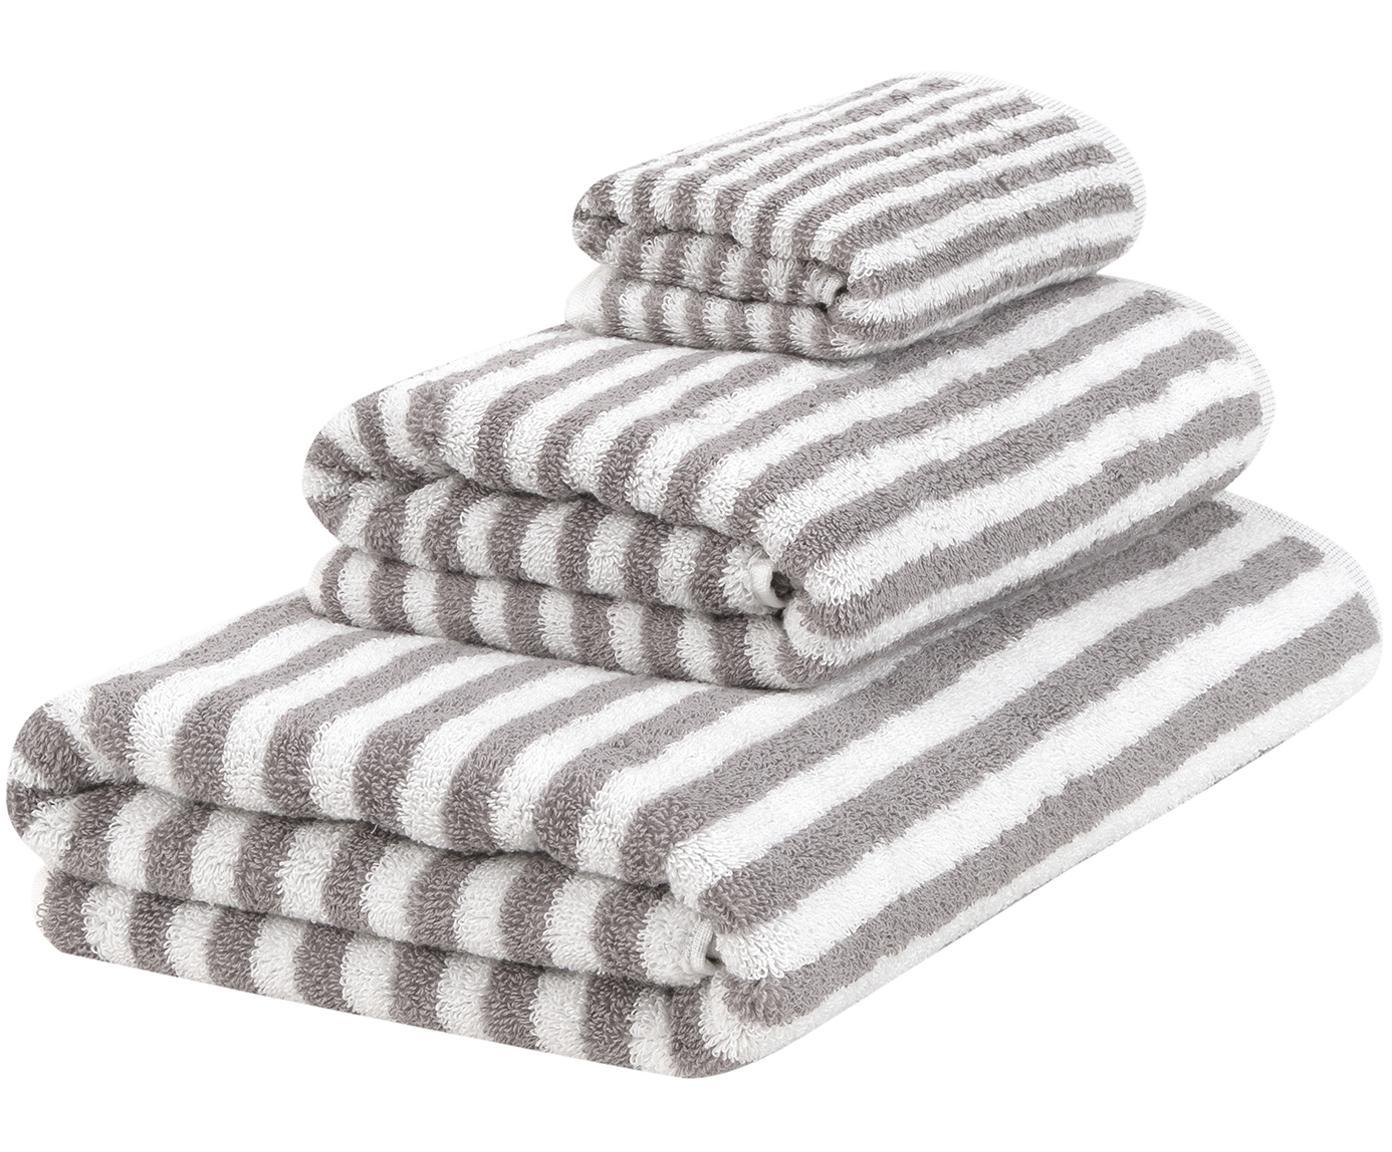 Komplet ręczników Viola, 3 elem., Taupe, kremowobiały, Różne rozmiary